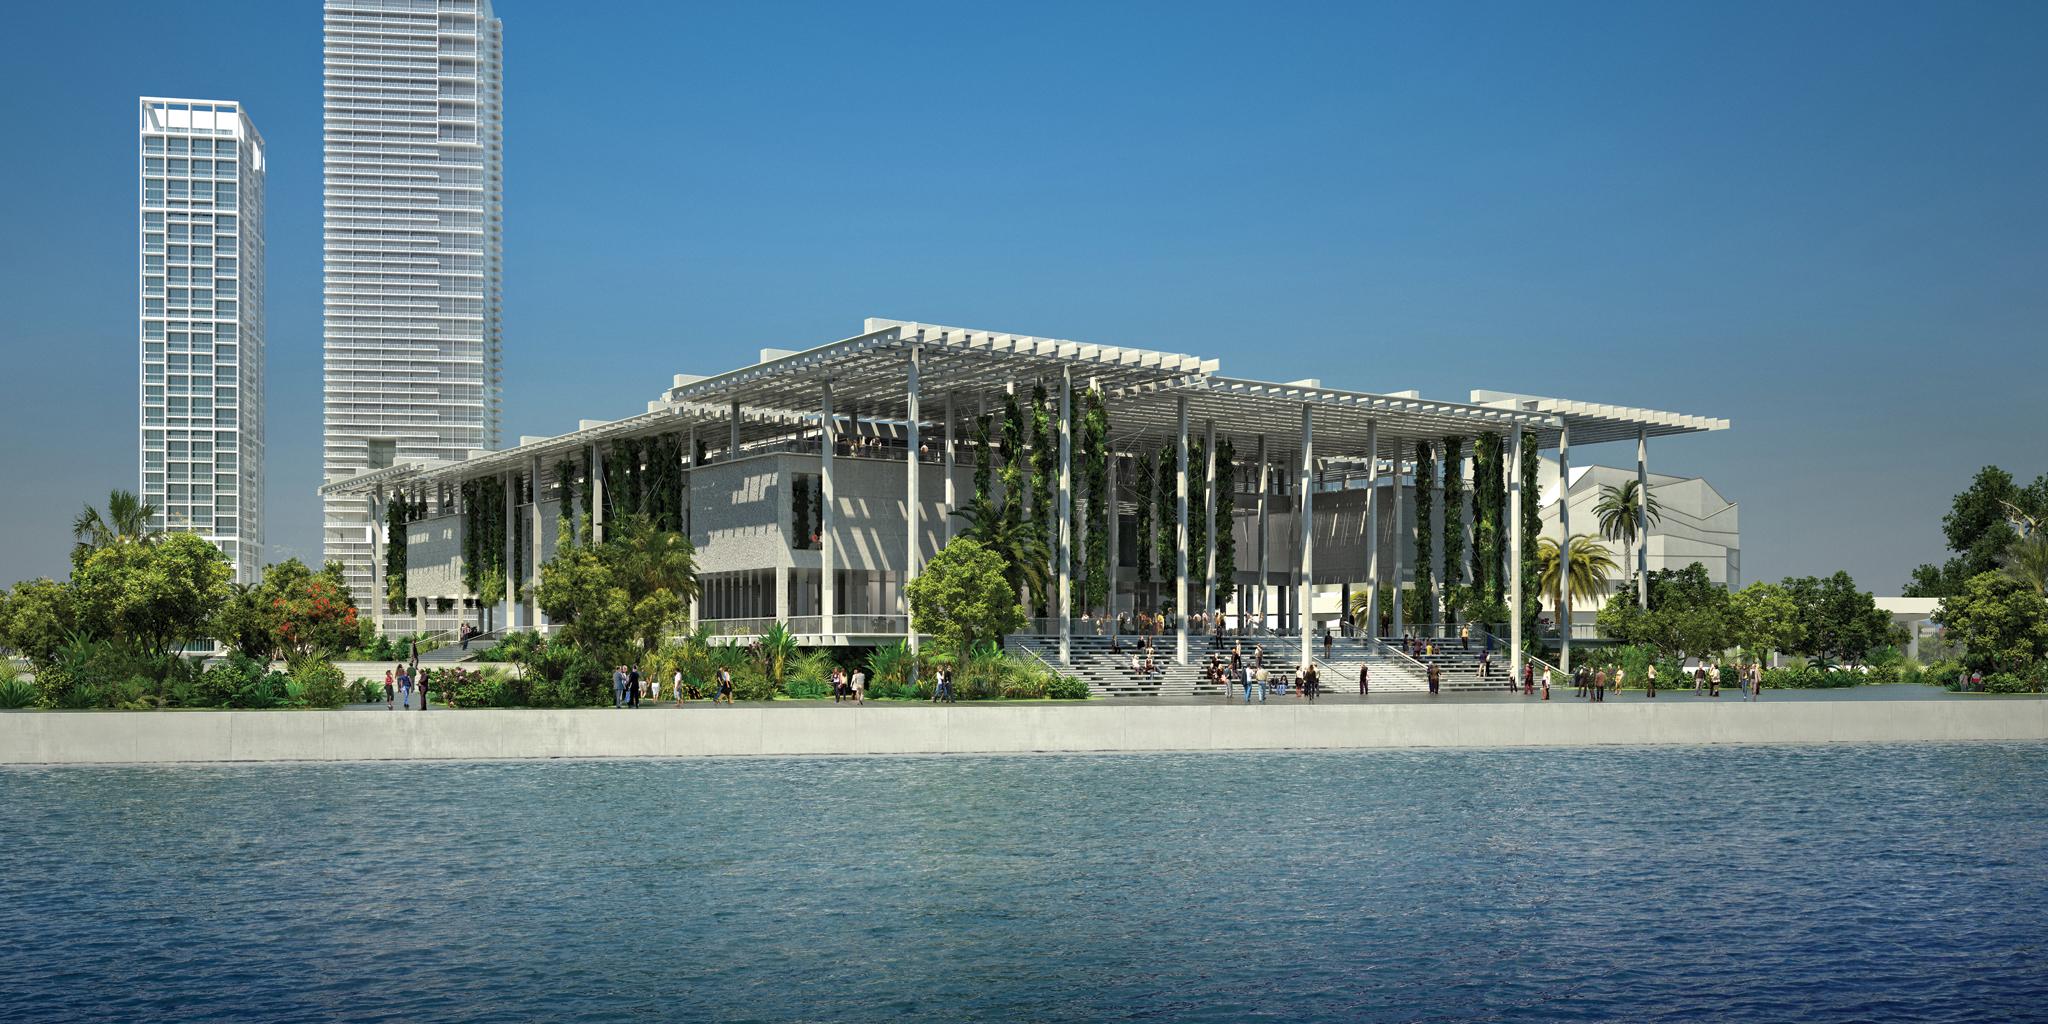 El Perez Art Museum Miami, todavía con los últimos retoques de construcción el día antes de su inauguración durante la semana de Miami Art Basel